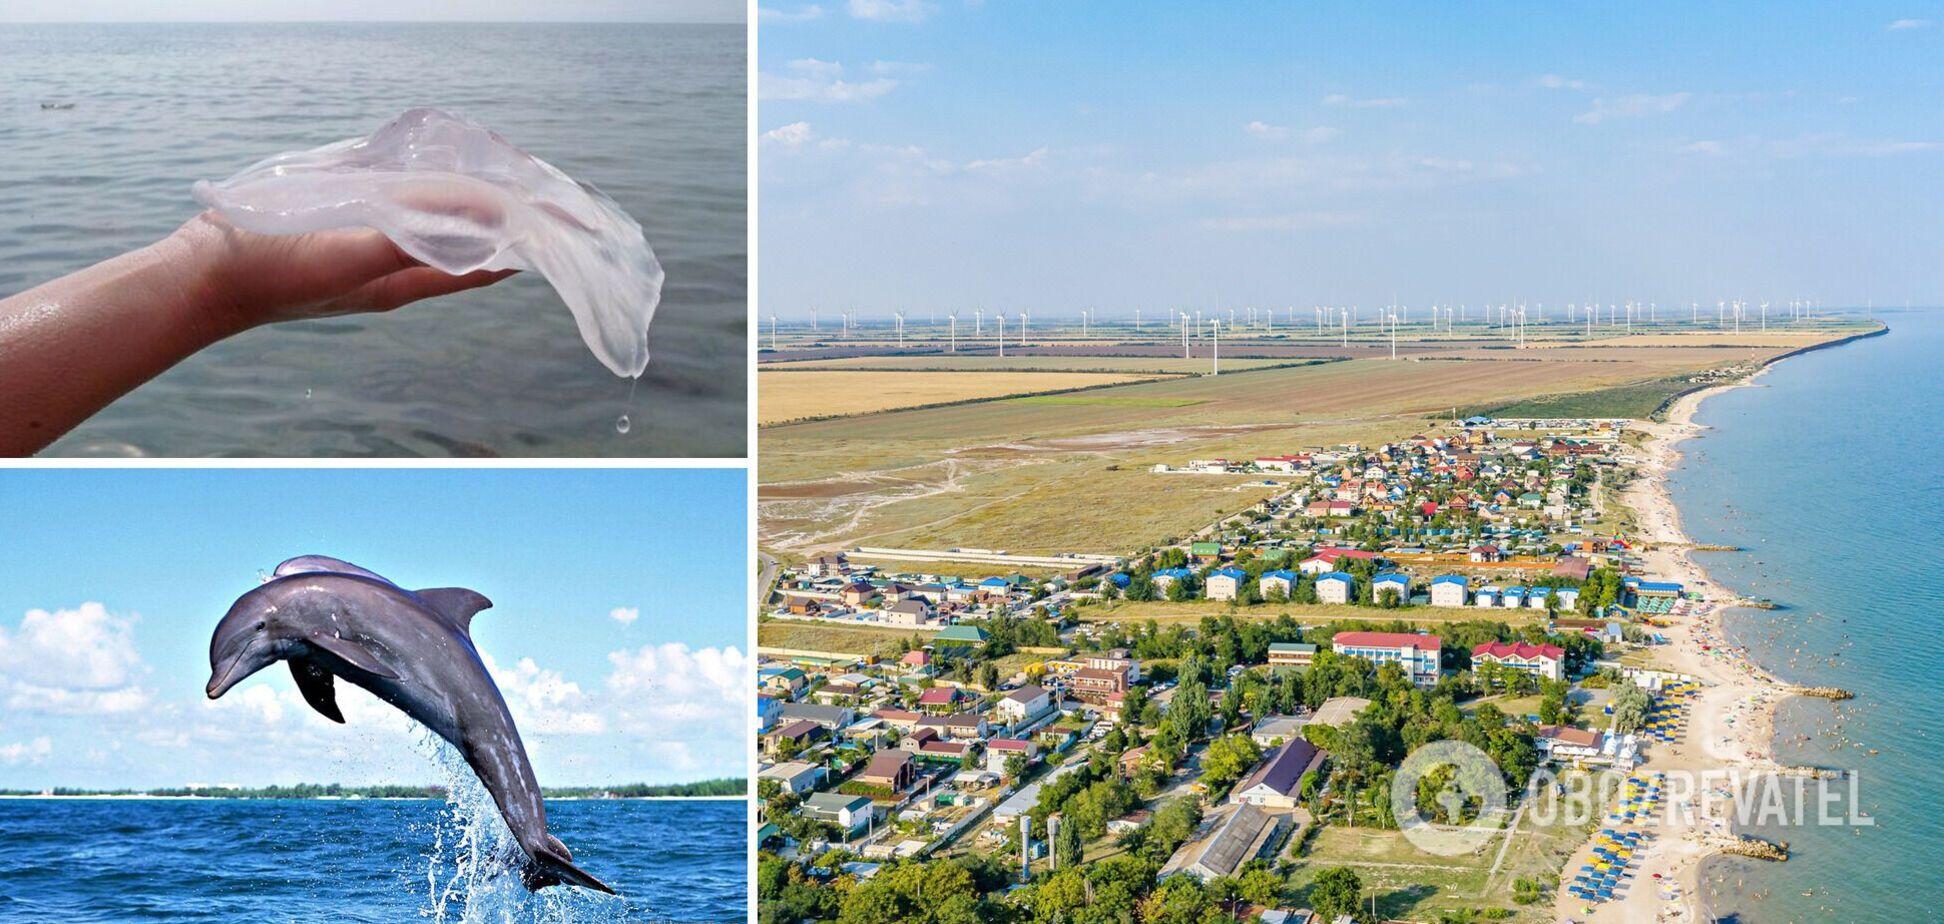 На популярном украинском курорте стало меньше медуз и появились дельфины. Видео